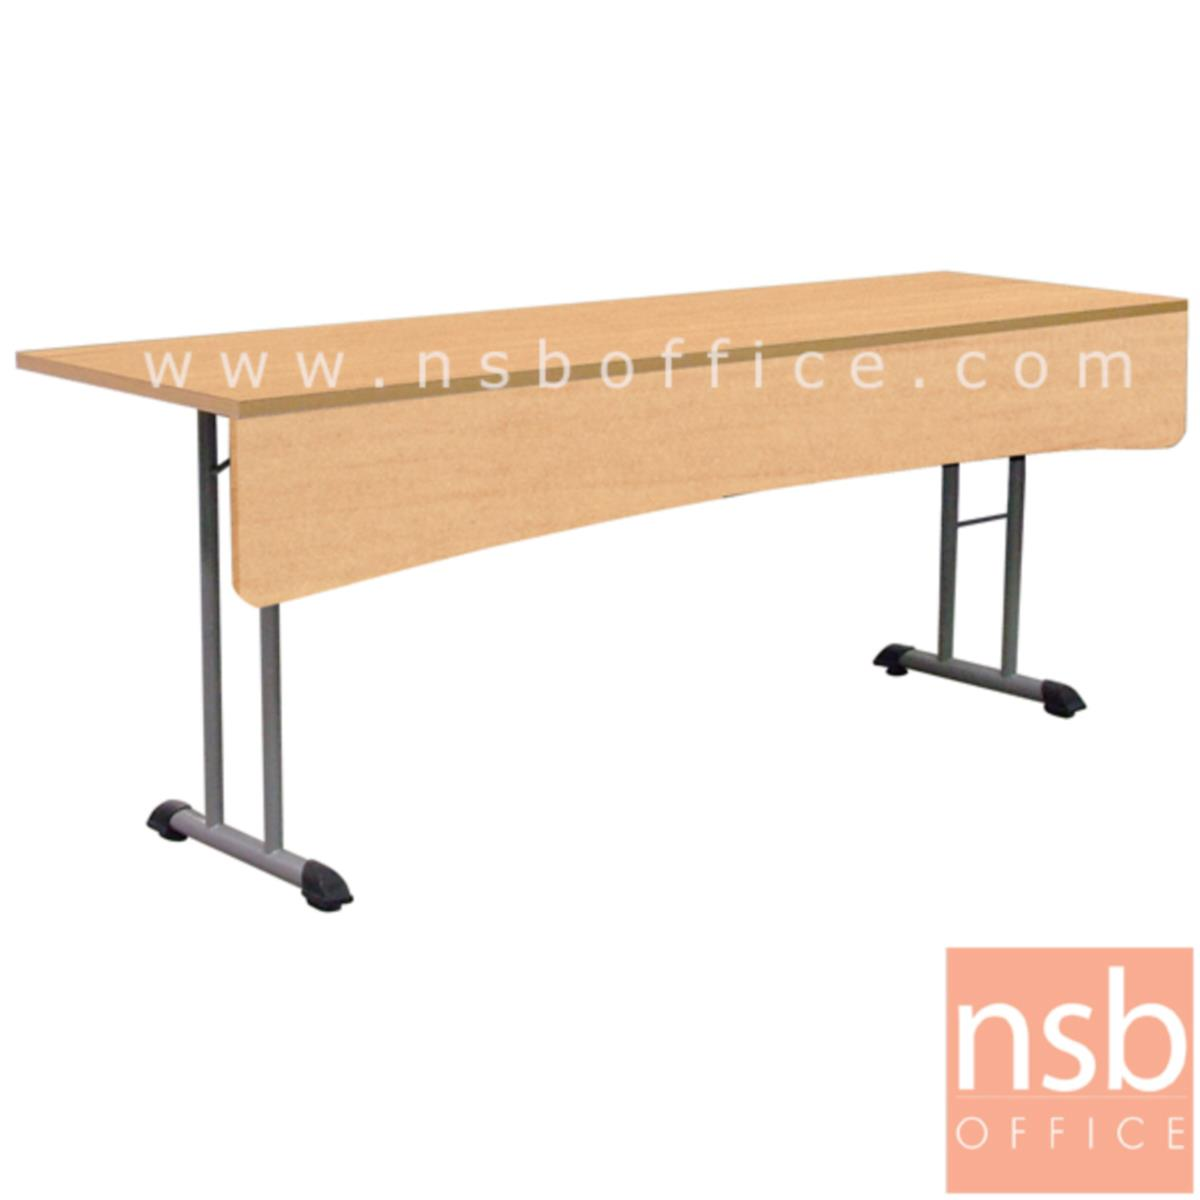 A18A077:โต๊ะประชุมพับเก็บได้ รุ่น MN-1206 ขนาด 120W ,150W ,180W*60D ,80D cm. ขาเหล็กเสาคู่ทรงตัวที พร้อมบังโป๊ไม้